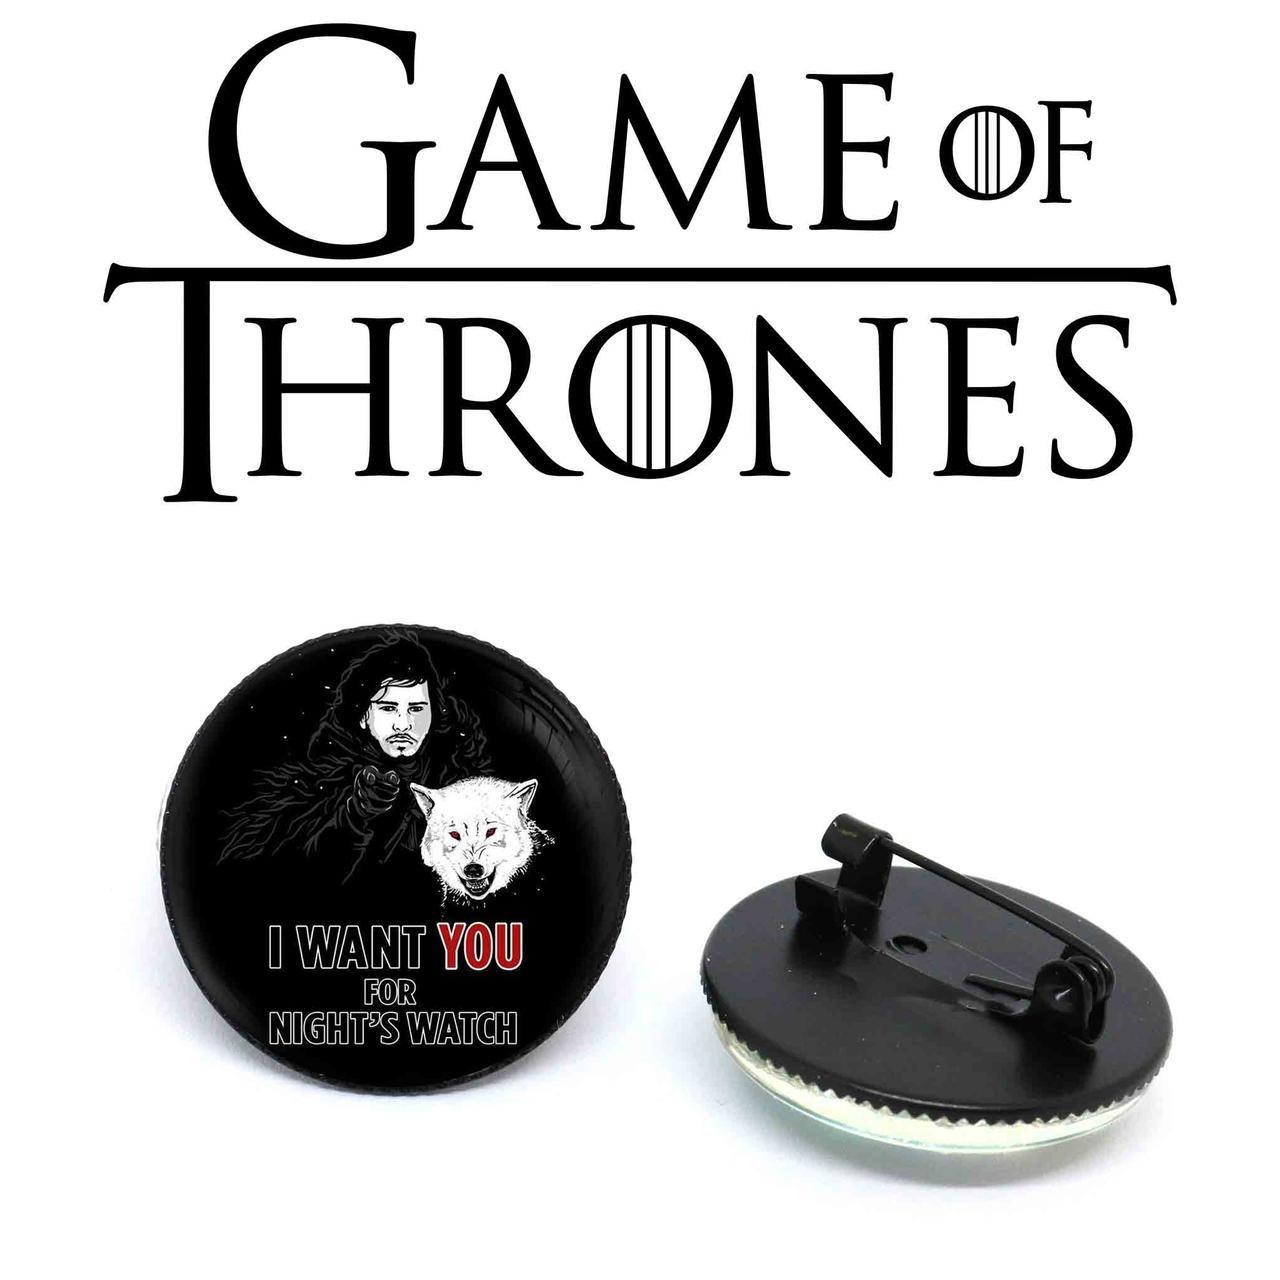 """Значок Джон """"I want YOU for night's watch"""" Игра престолов / Game of Thrones"""